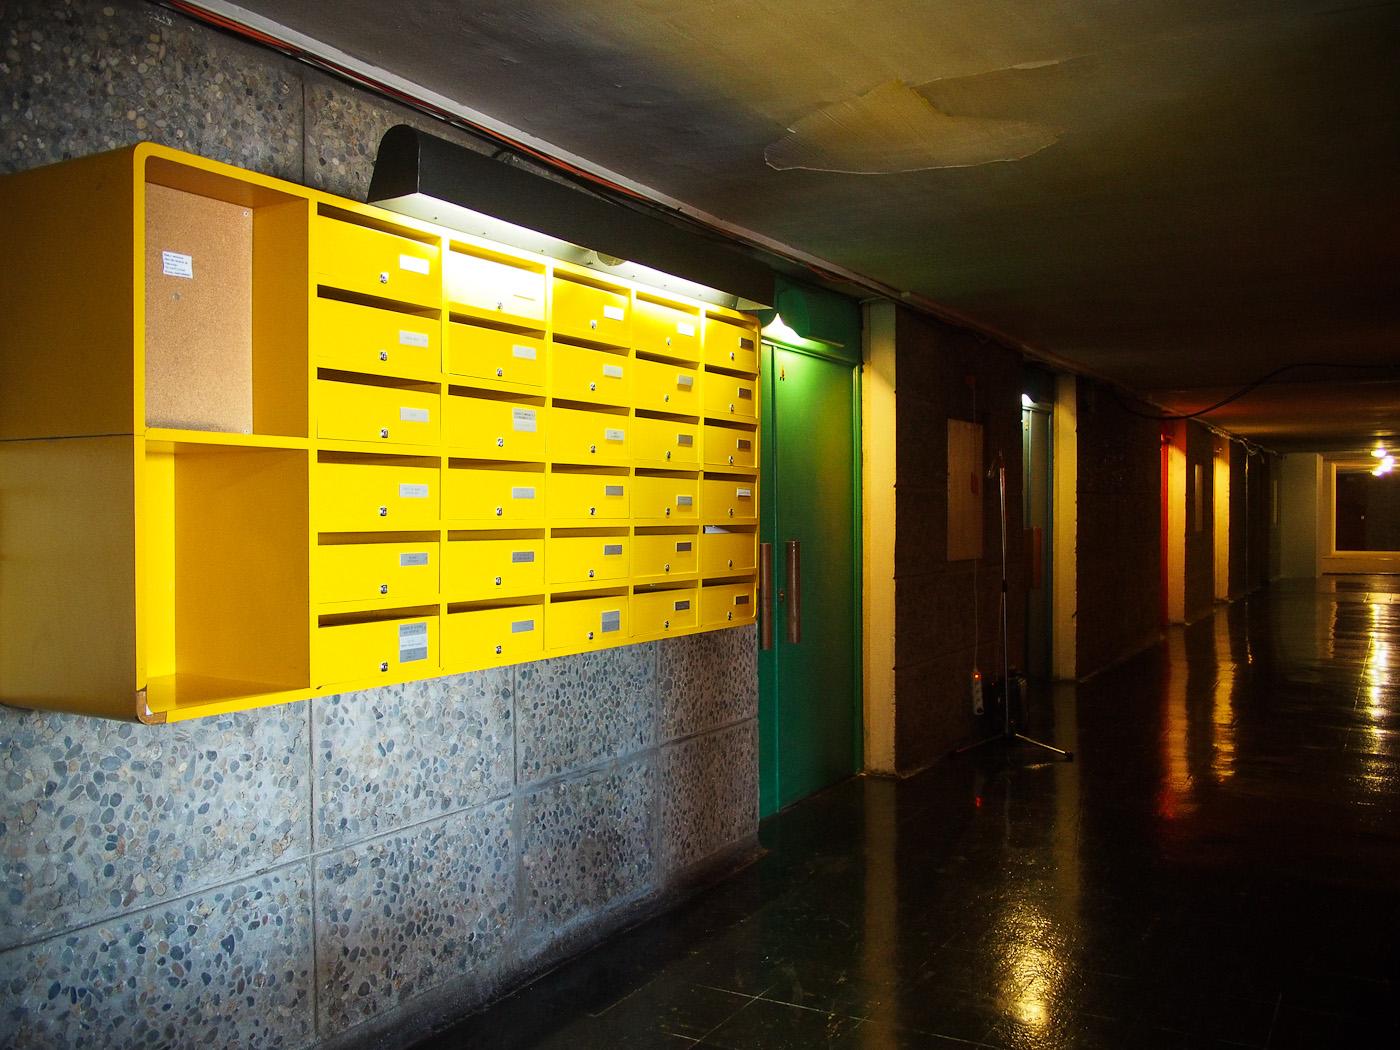 Yellow letterboxes inside Le Corbusier's La Cité Radieuse, Marseilles. Olympus OM-D EM-5